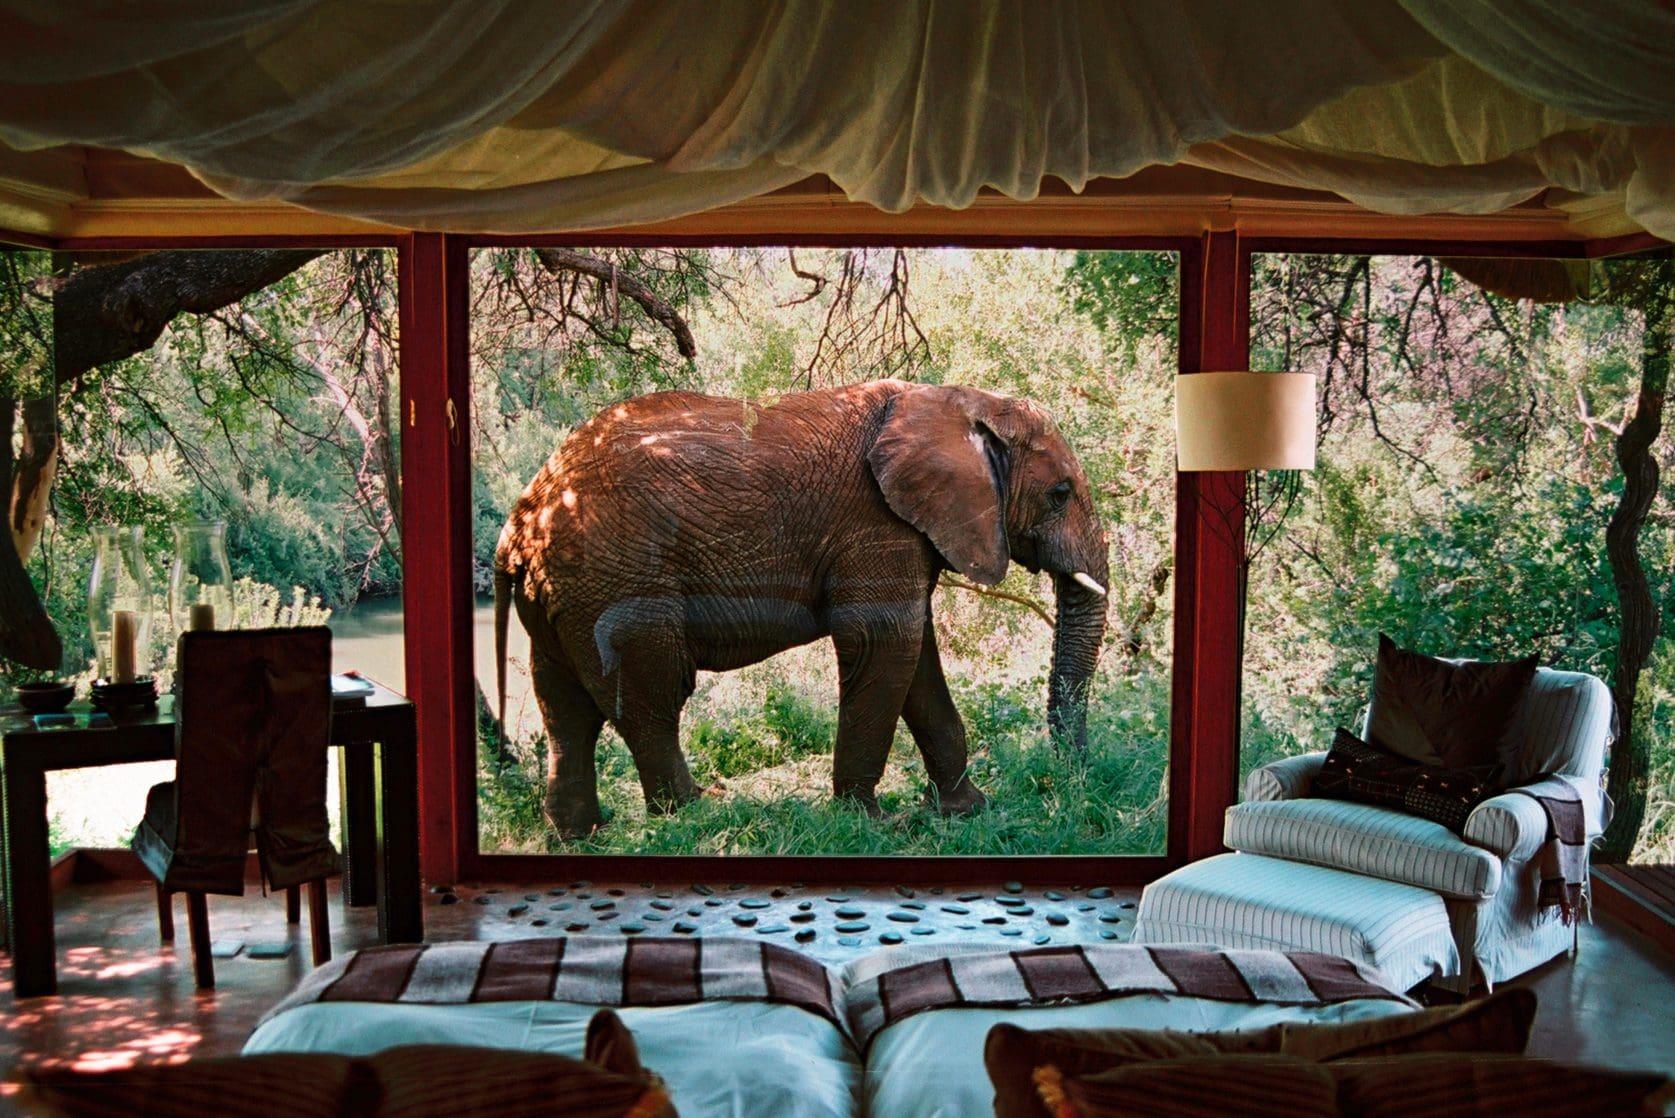 zuid-afrika romantische lodge